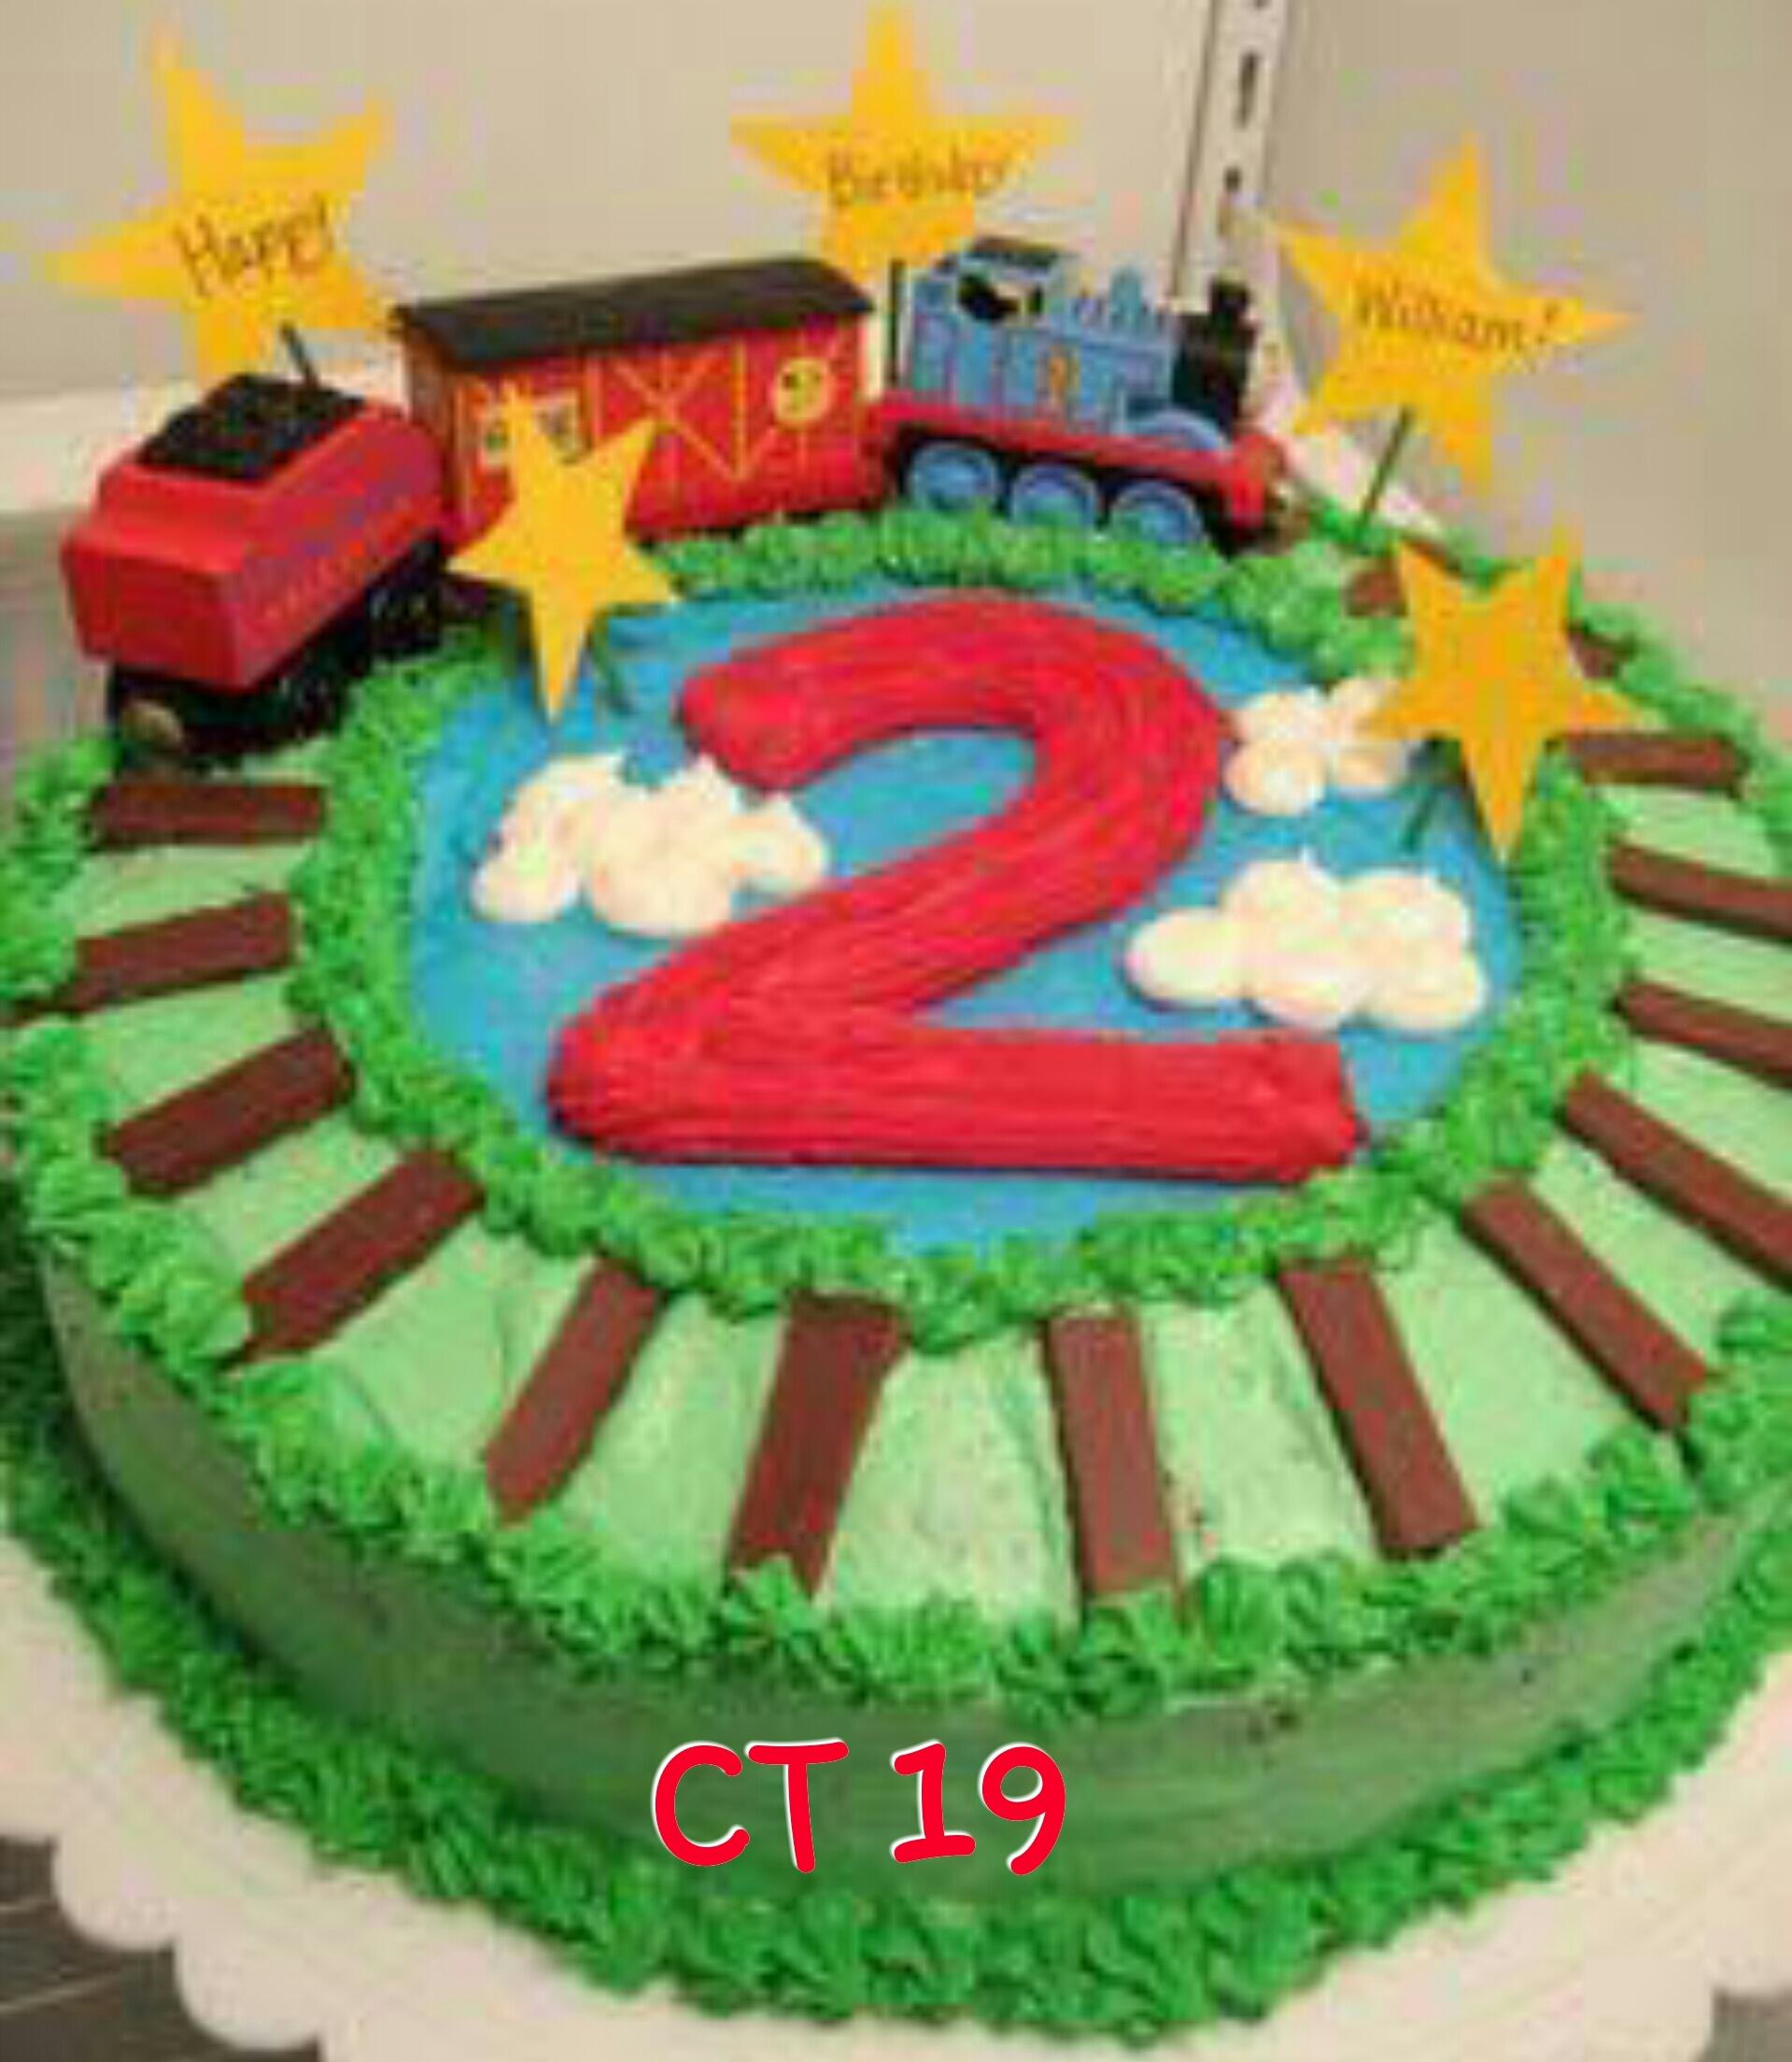 Train Cake CT 19